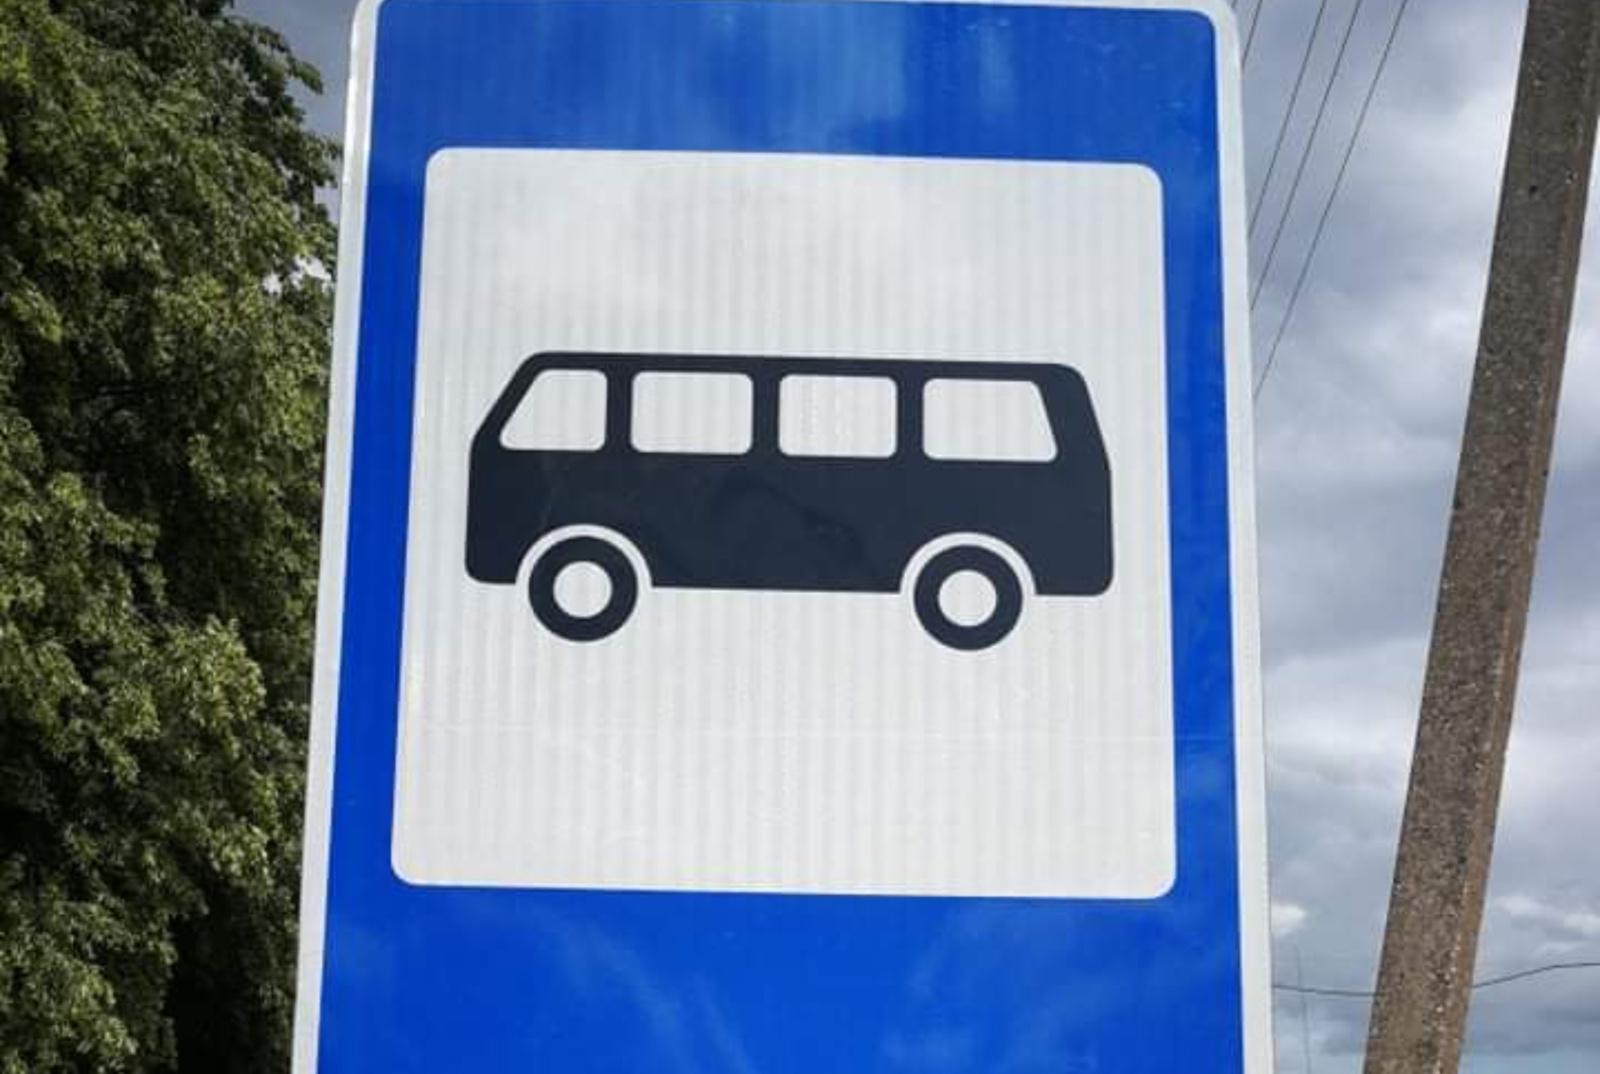 Startuoja naujas autobuso maršrutas Ukmergė-Baleliai